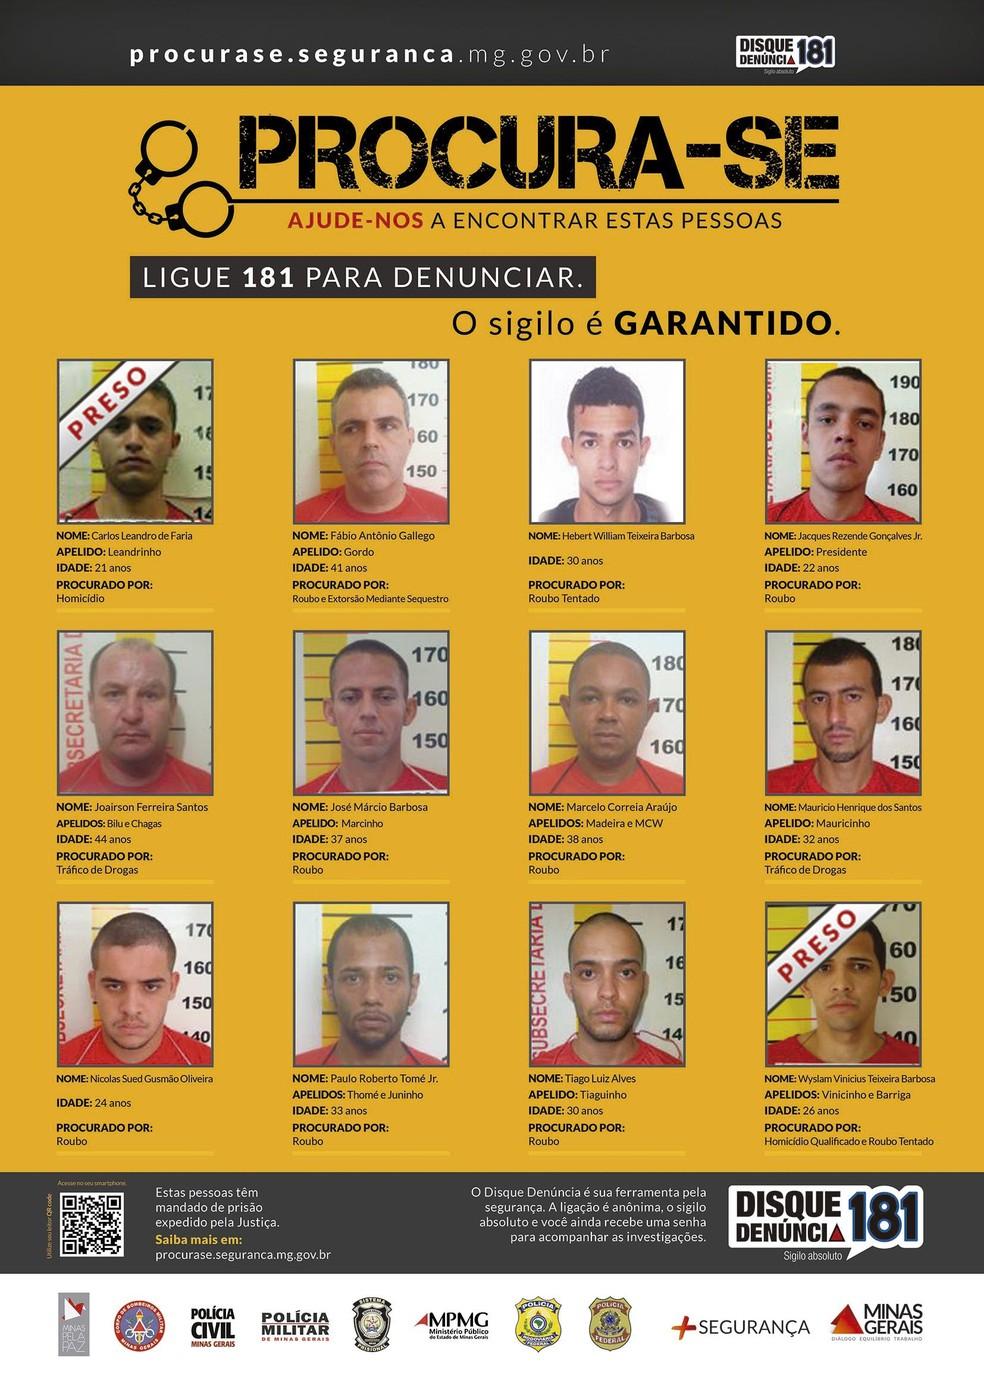 'Procura-se' é um programa do governo que conta com apoio da população para encontrar foragidos (Foto: Divulgação Governo de Minas)